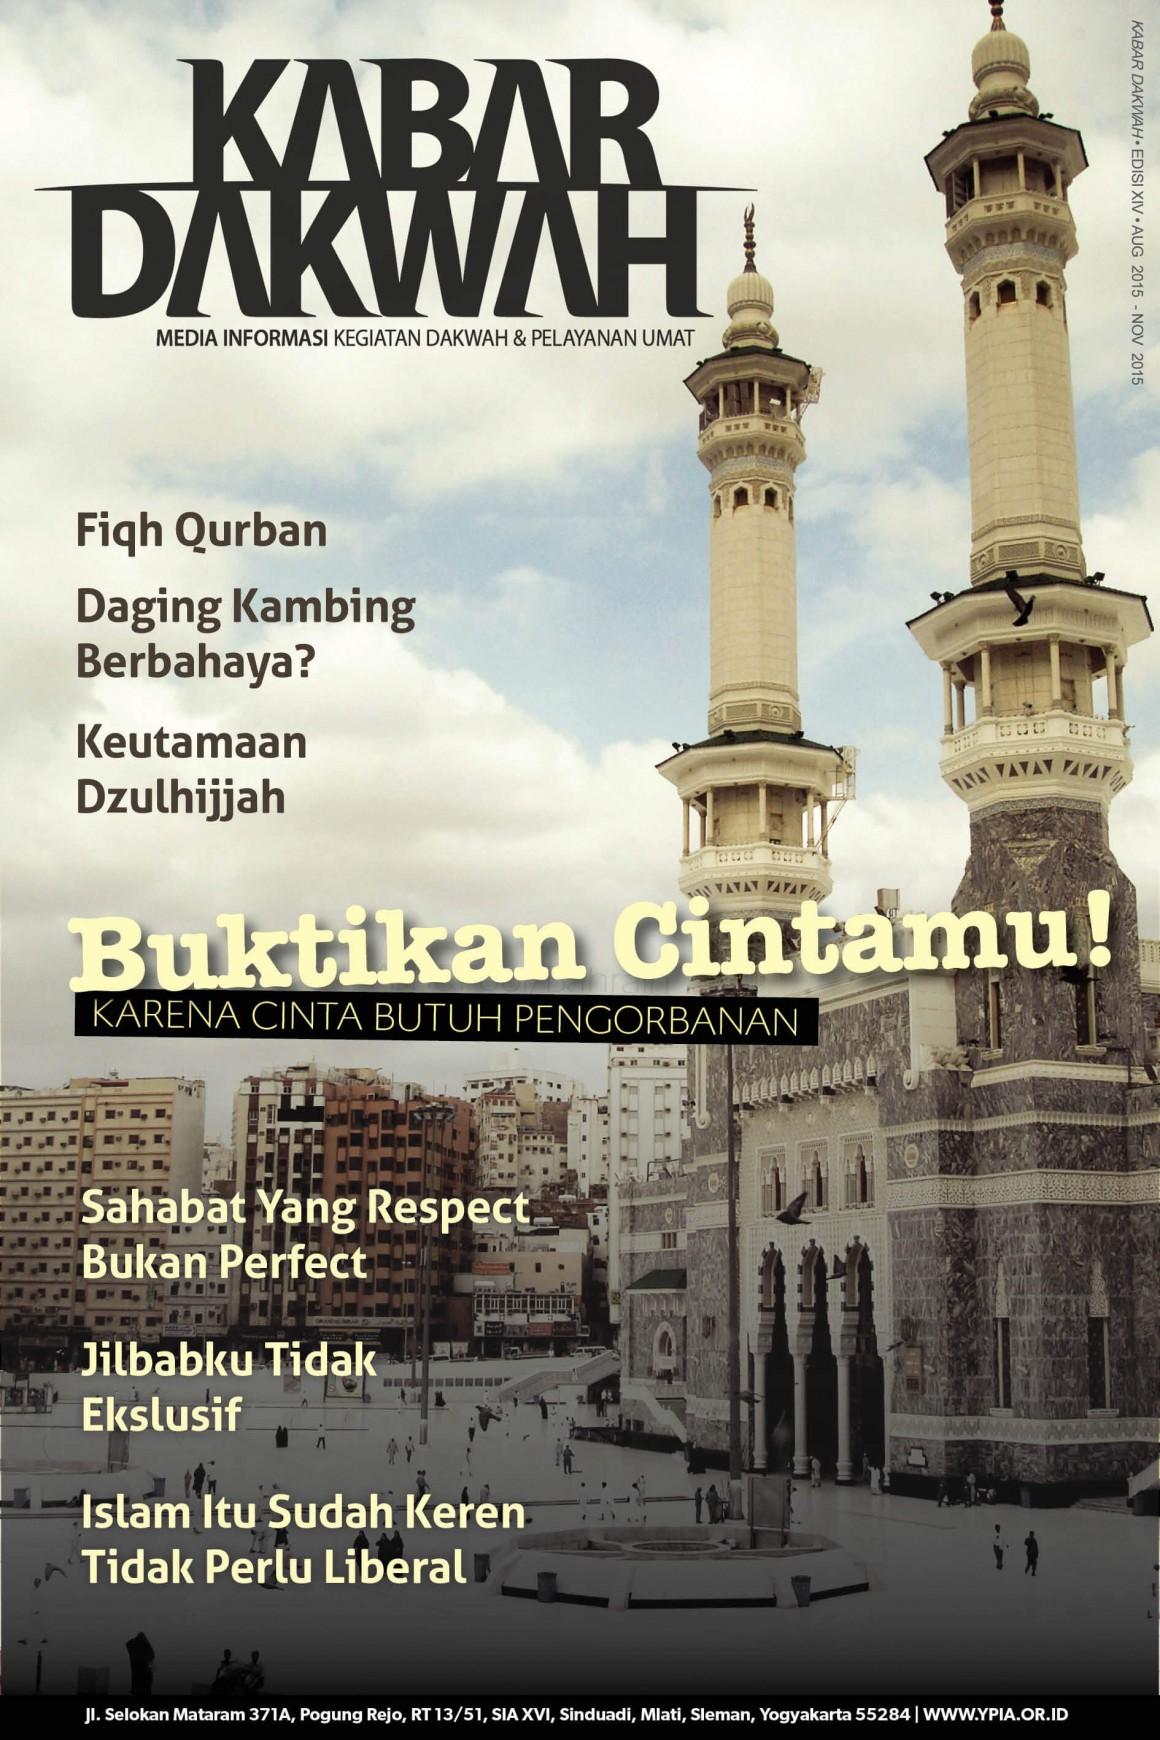 cover-kabar-dakwah-14-redit